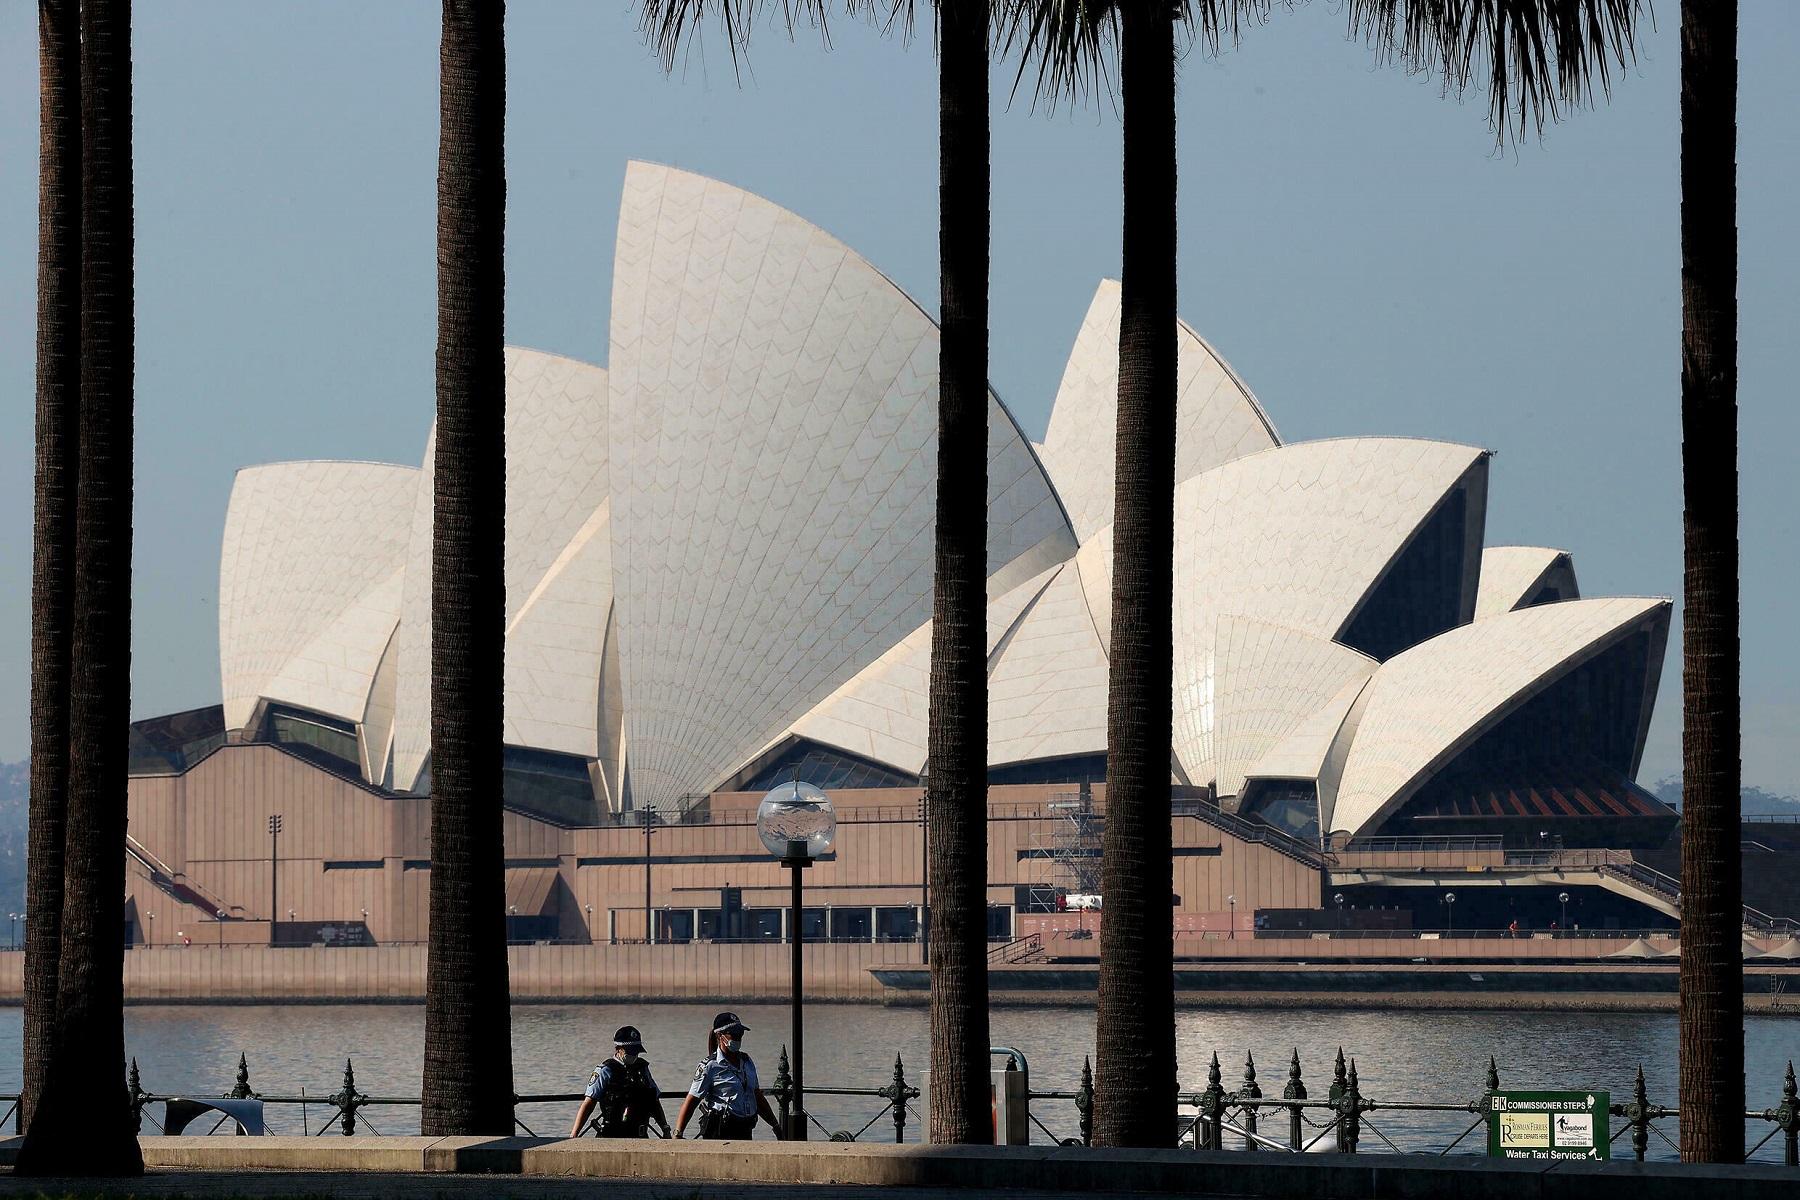 Κορωνοϊός Αυστραλία: Οργή καθώς η σκεπτικιστική εκκλησία απορρίπτει το lockdown του Σίδνεϊ